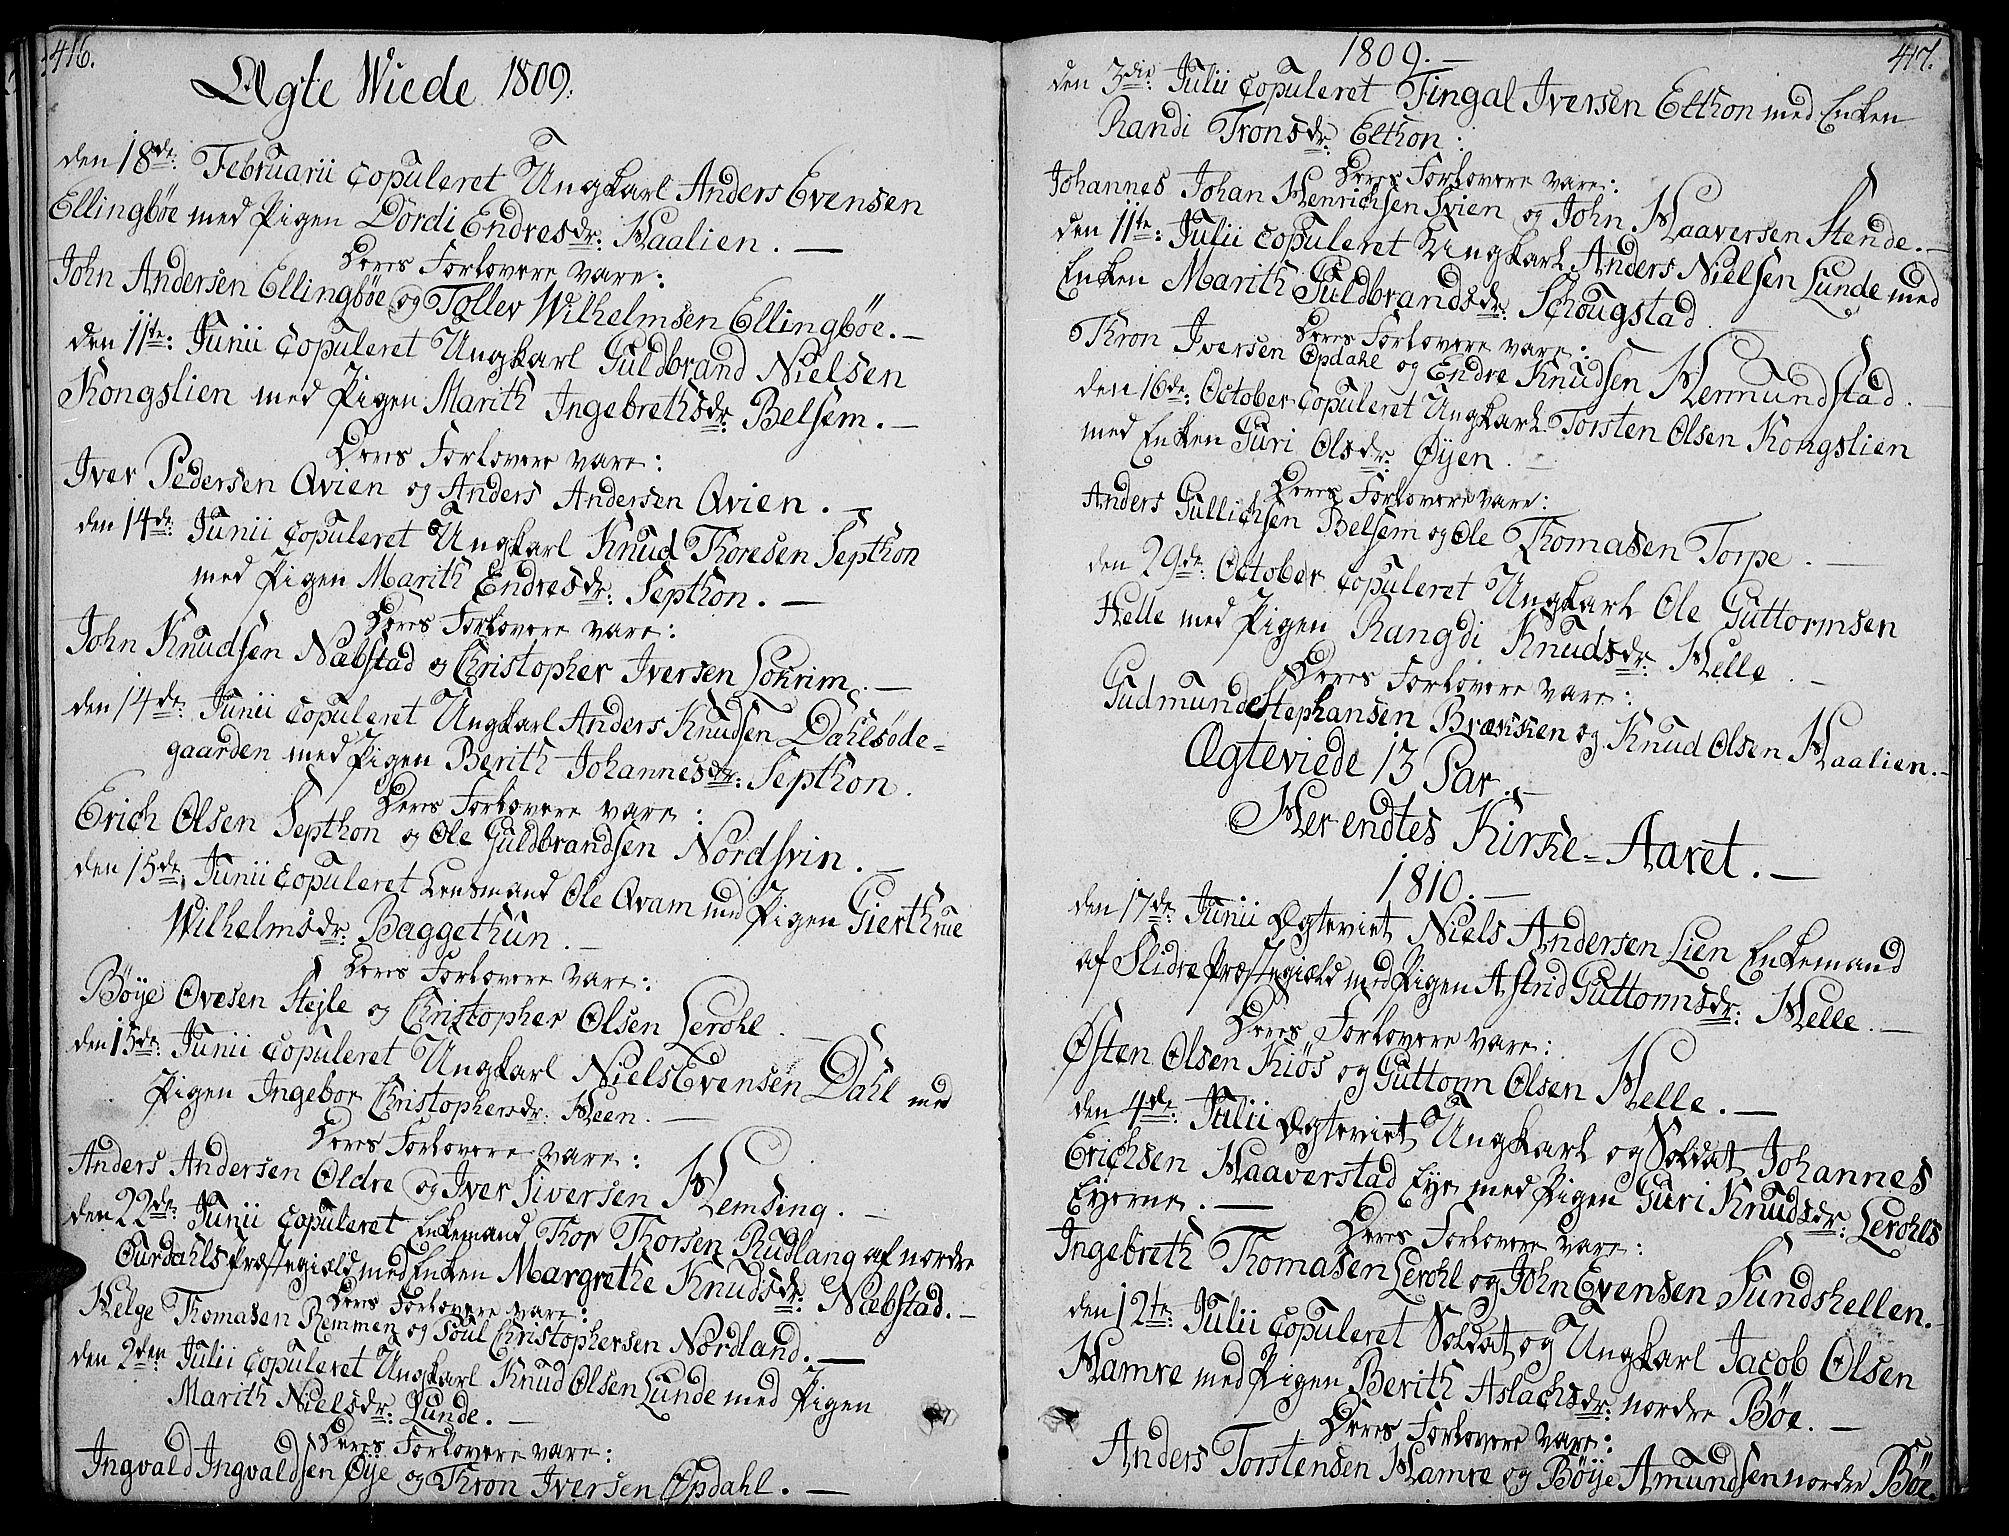 SAH, Vang prestekontor, Valdres, Ministerialbok nr. 3, 1809-1831, s. 416-417